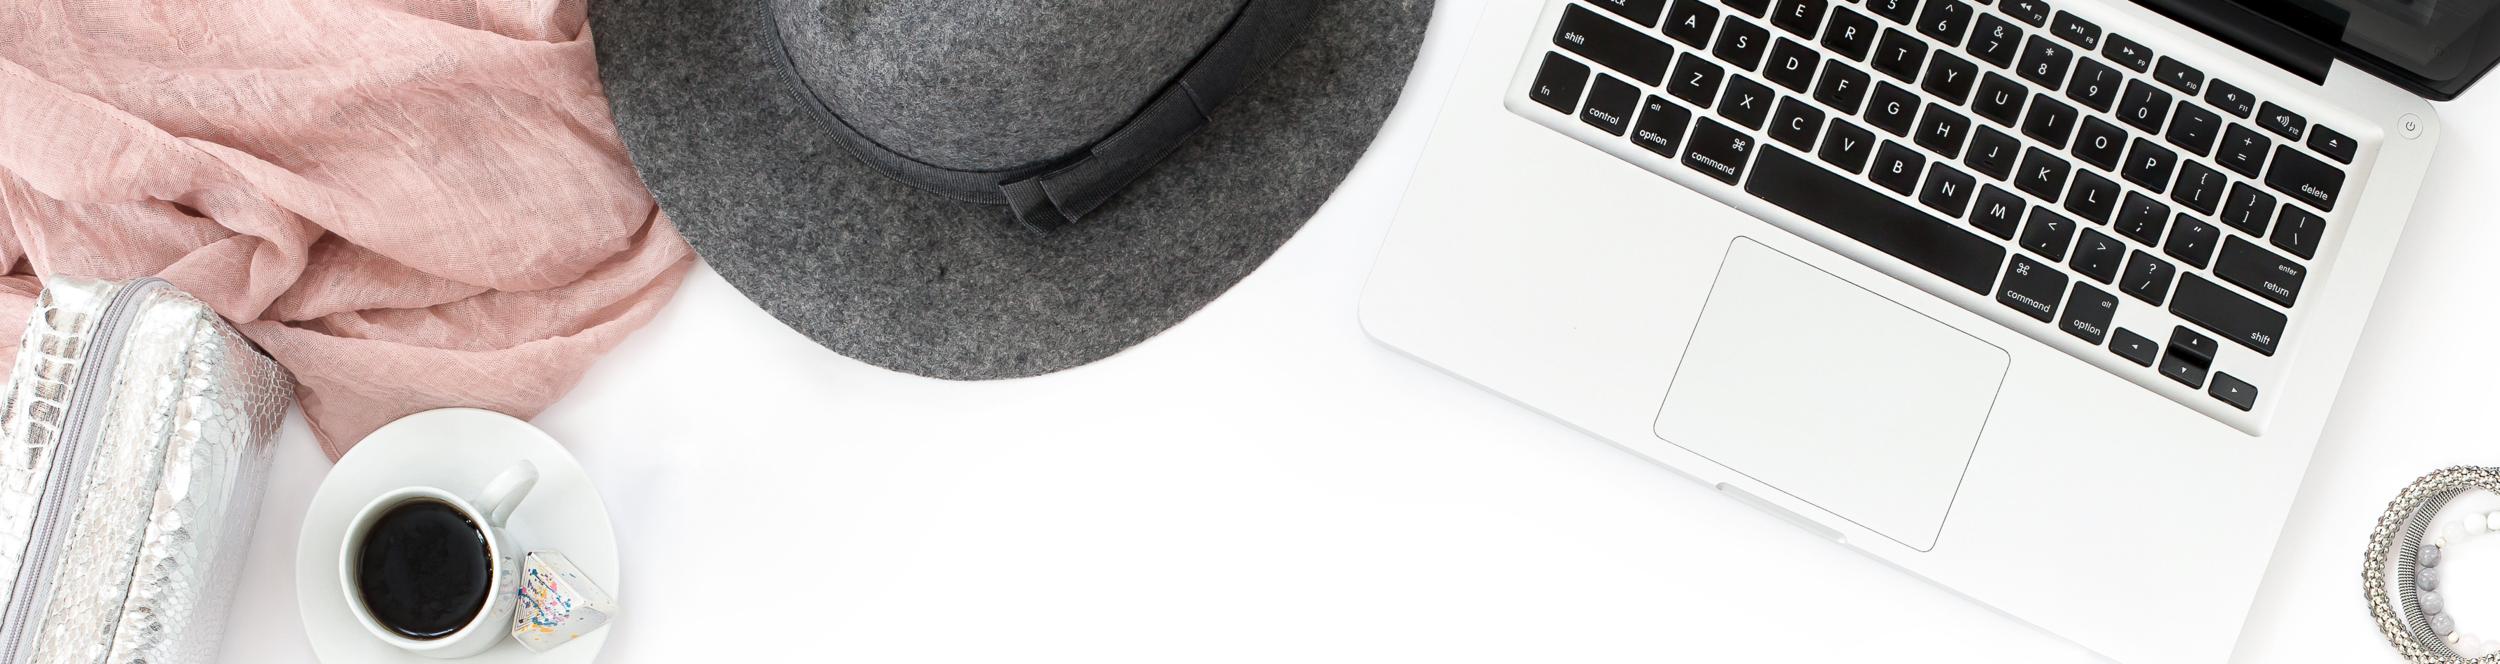 10 aprendizajes de emprender online